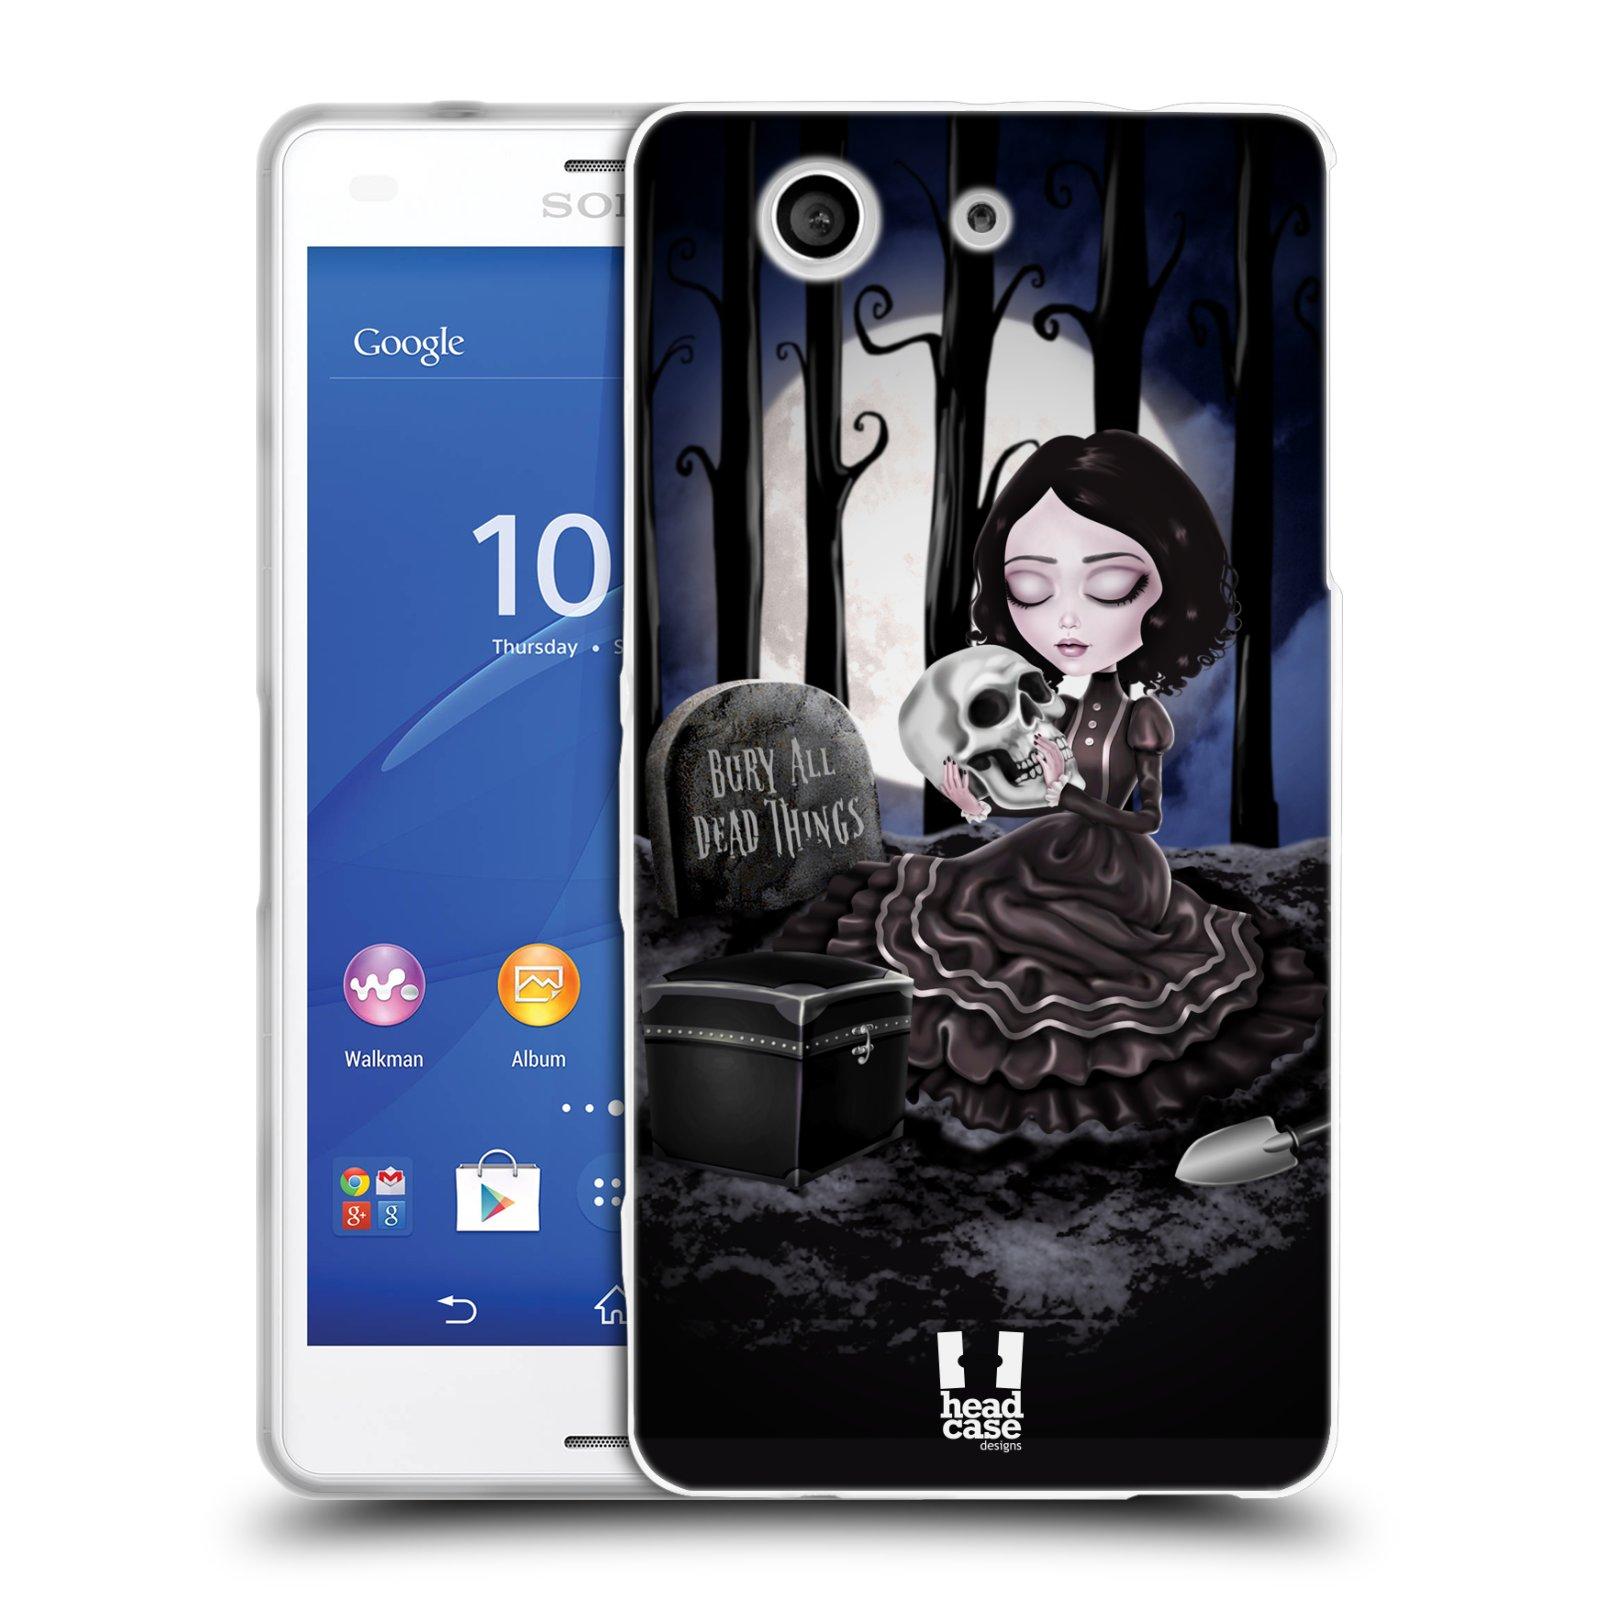 Silikonové pouzdro na mobil Sony Xperia Z3 Compact D5803 HEAD CASE MACABRE HŘBITOV